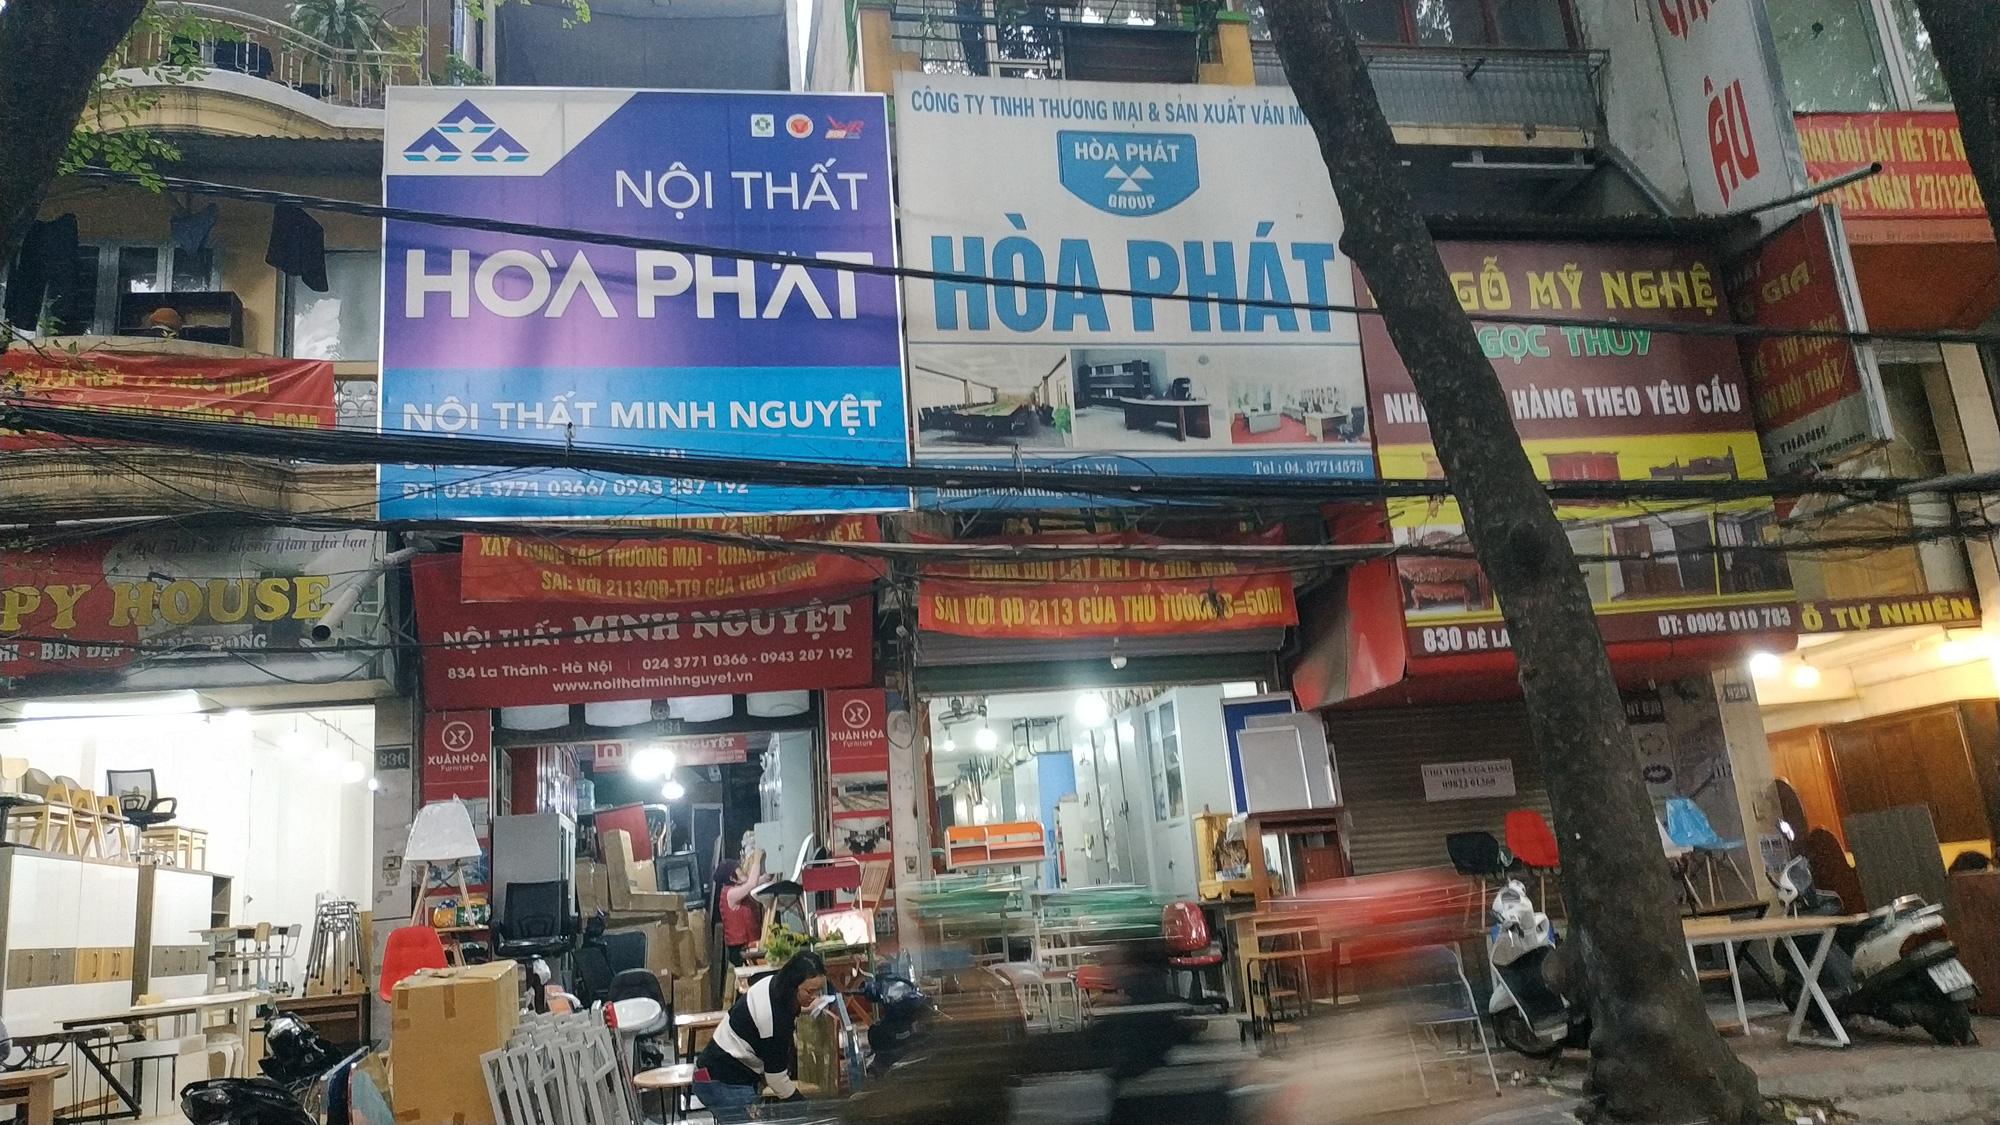 Hòa Phát và hơn 30 doanh nghiệp sắp chốt quyền cổ tức tiền mặt, cao nhất 50% mệnh giá - Ảnh 1.